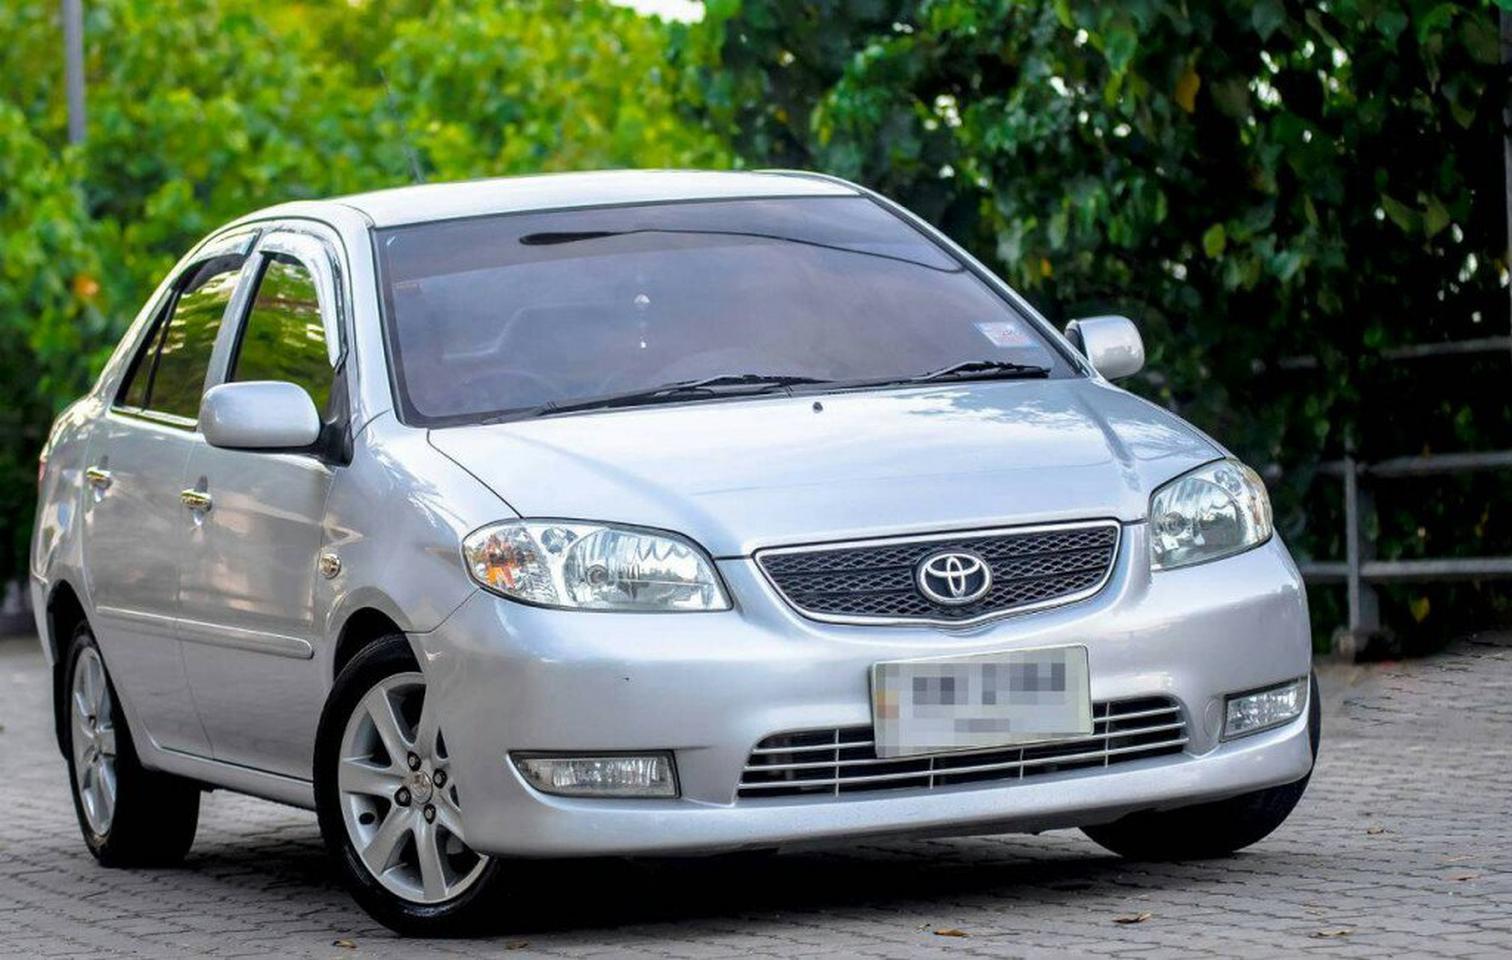 ขายรถรถเก๋ง Toyota Vios รูปที่ 1